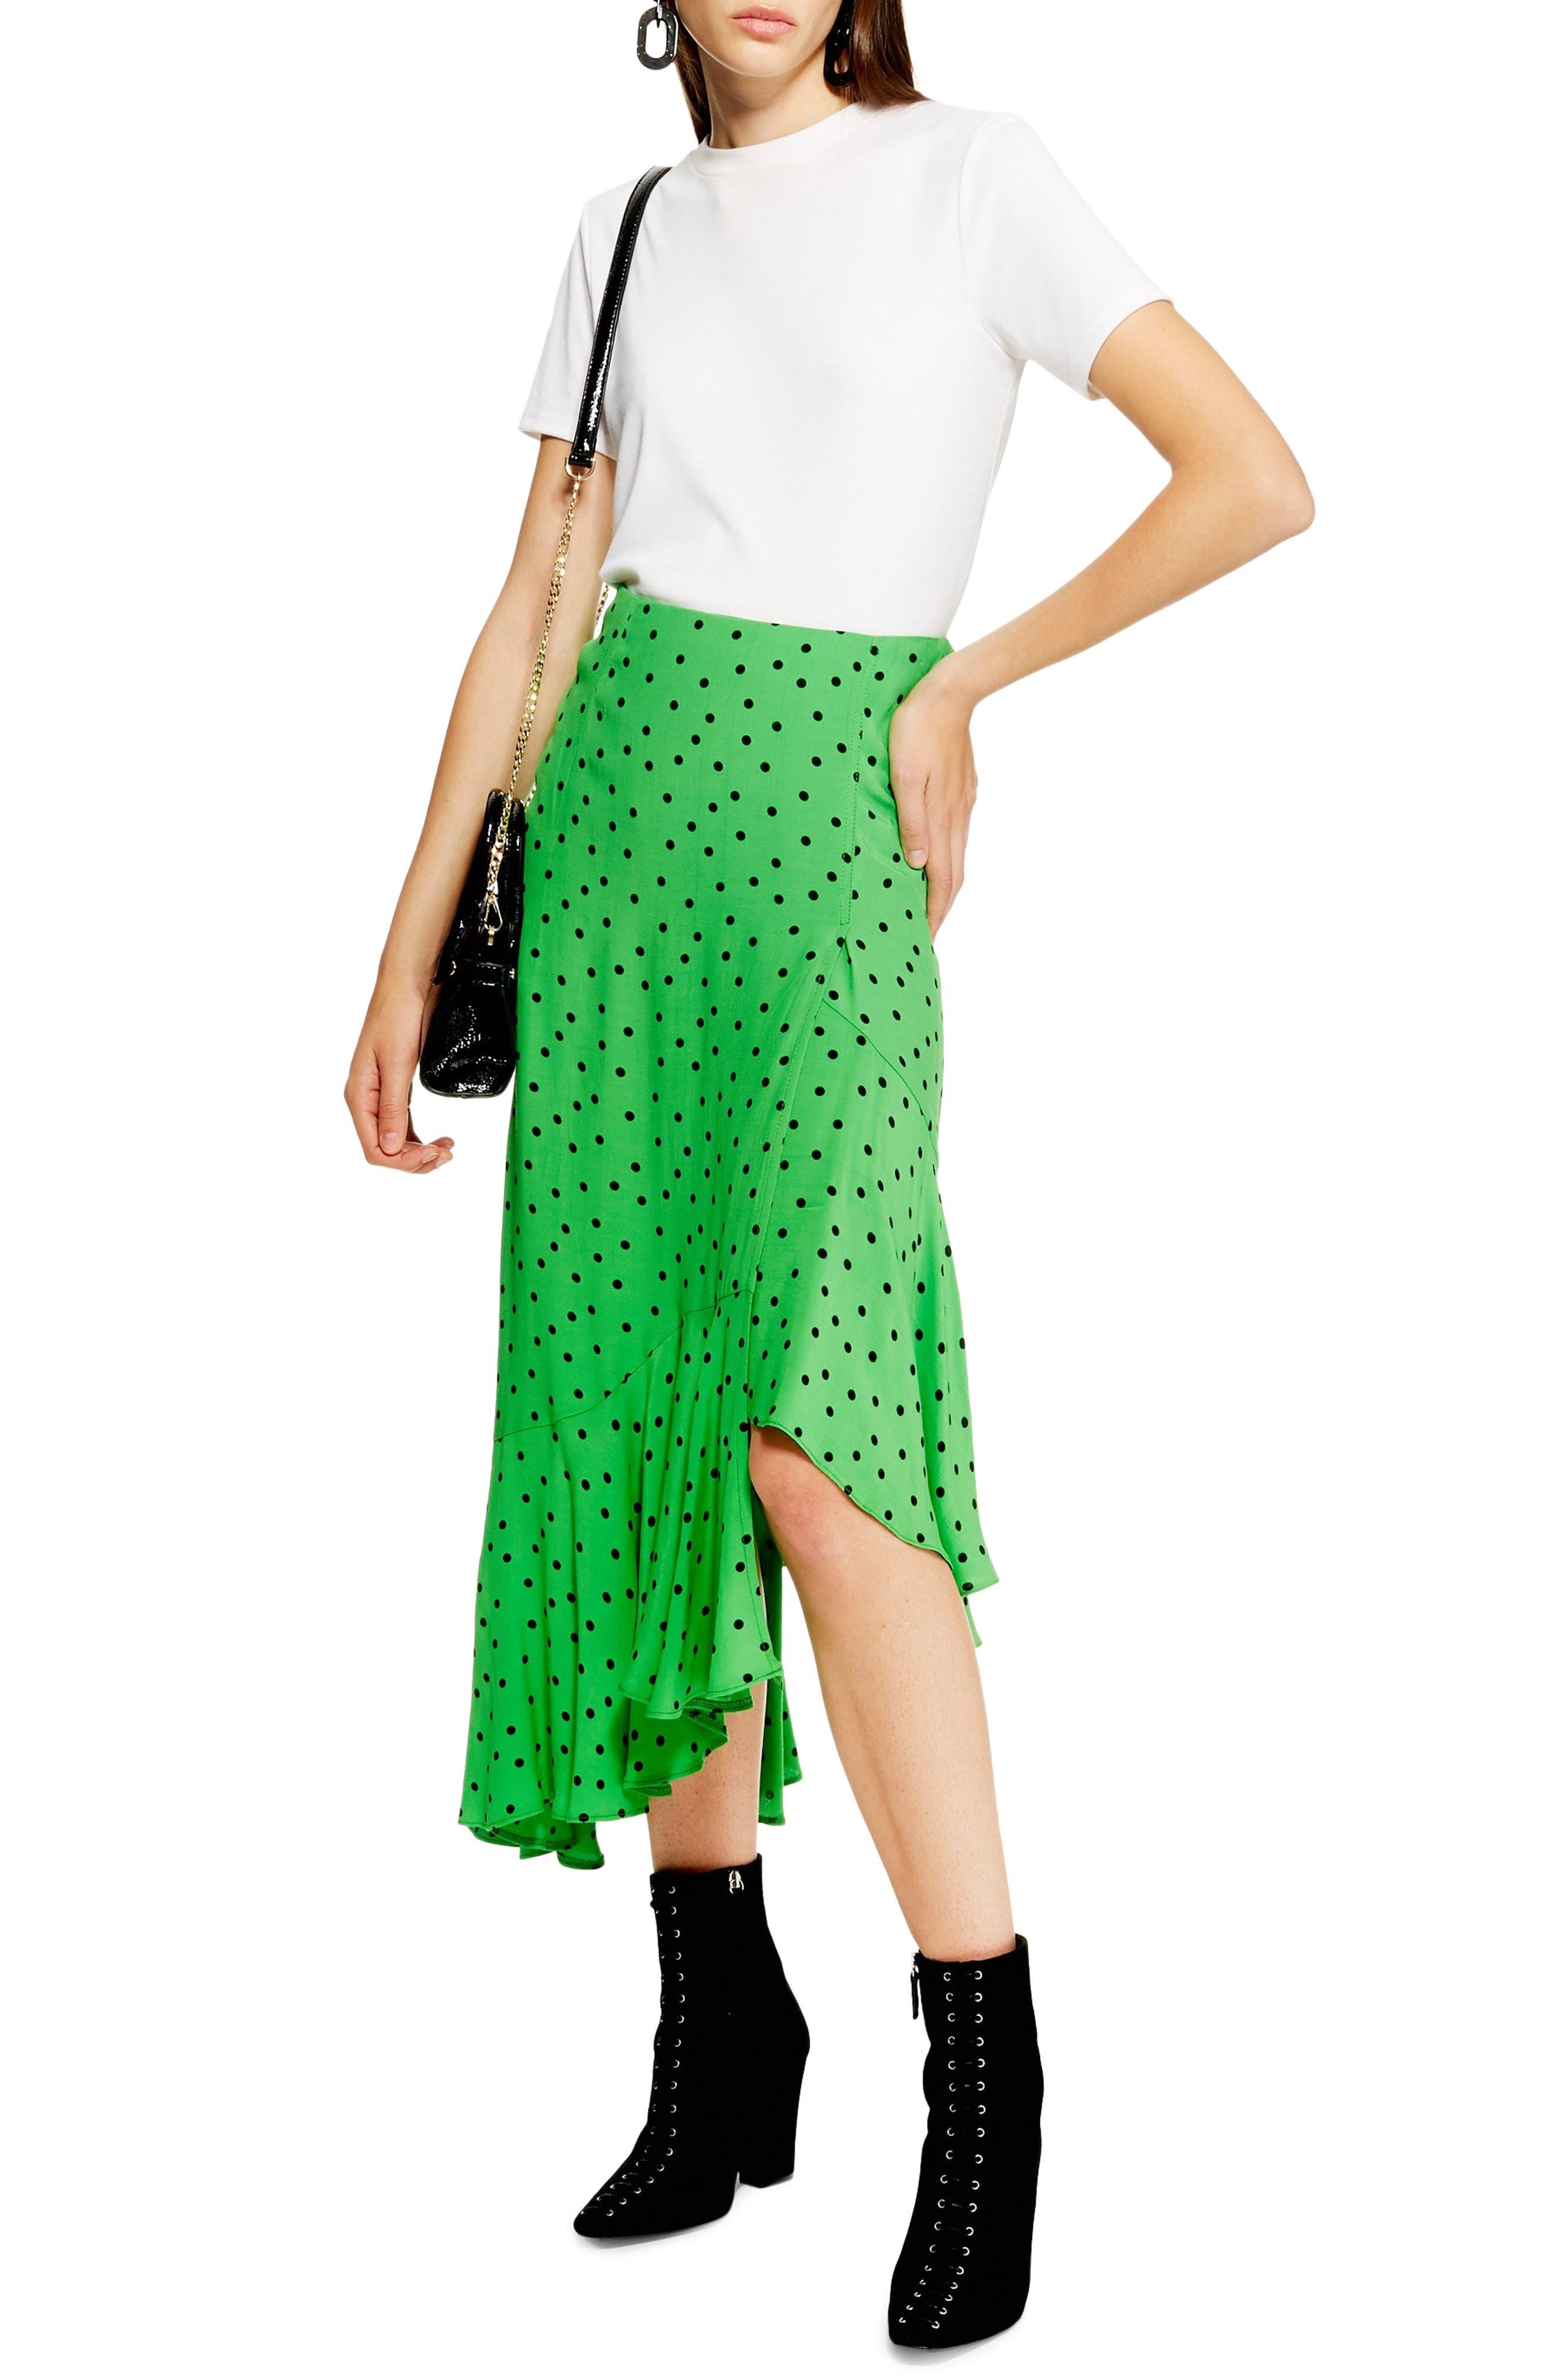 Topshop Spot Frill Midi Skirt, US (fits like 0) - Green